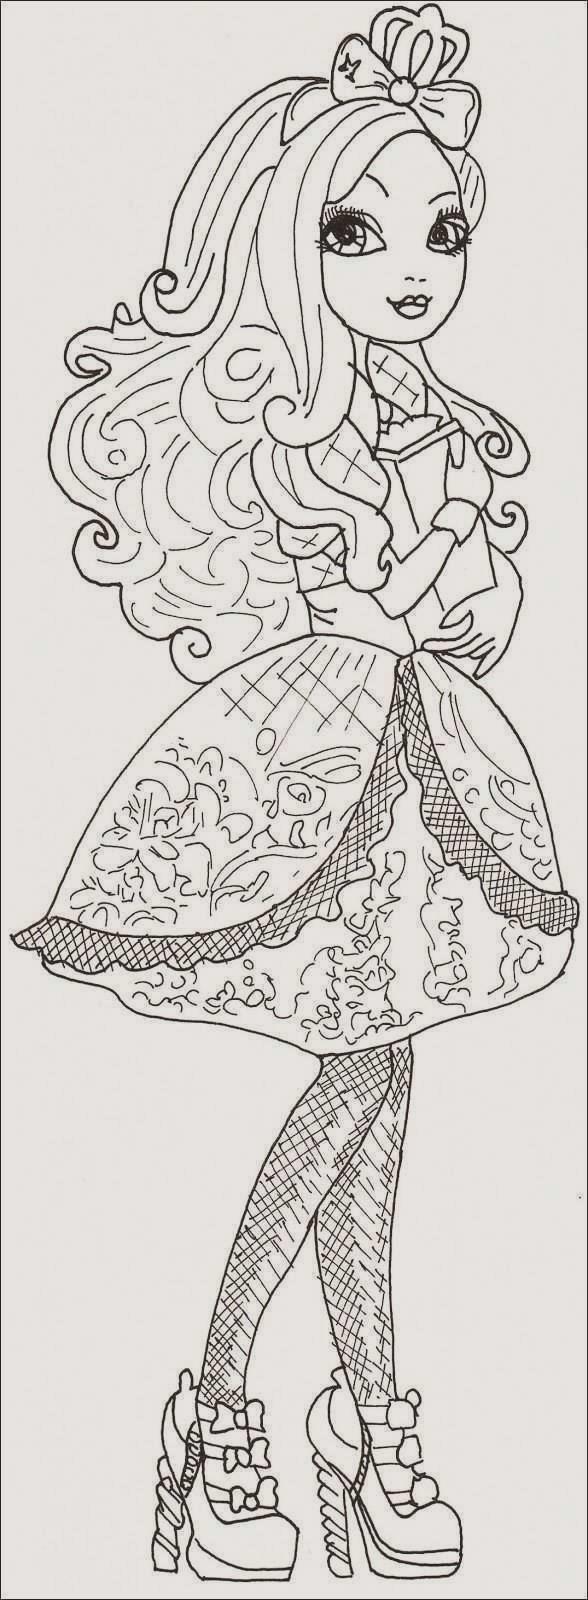 Mandala Ausmalbilder Für Weihnachten Weihnachtsvorlagen Neu Ausmalbilder F Erwachsene Drachen Wallpaperzen Stock